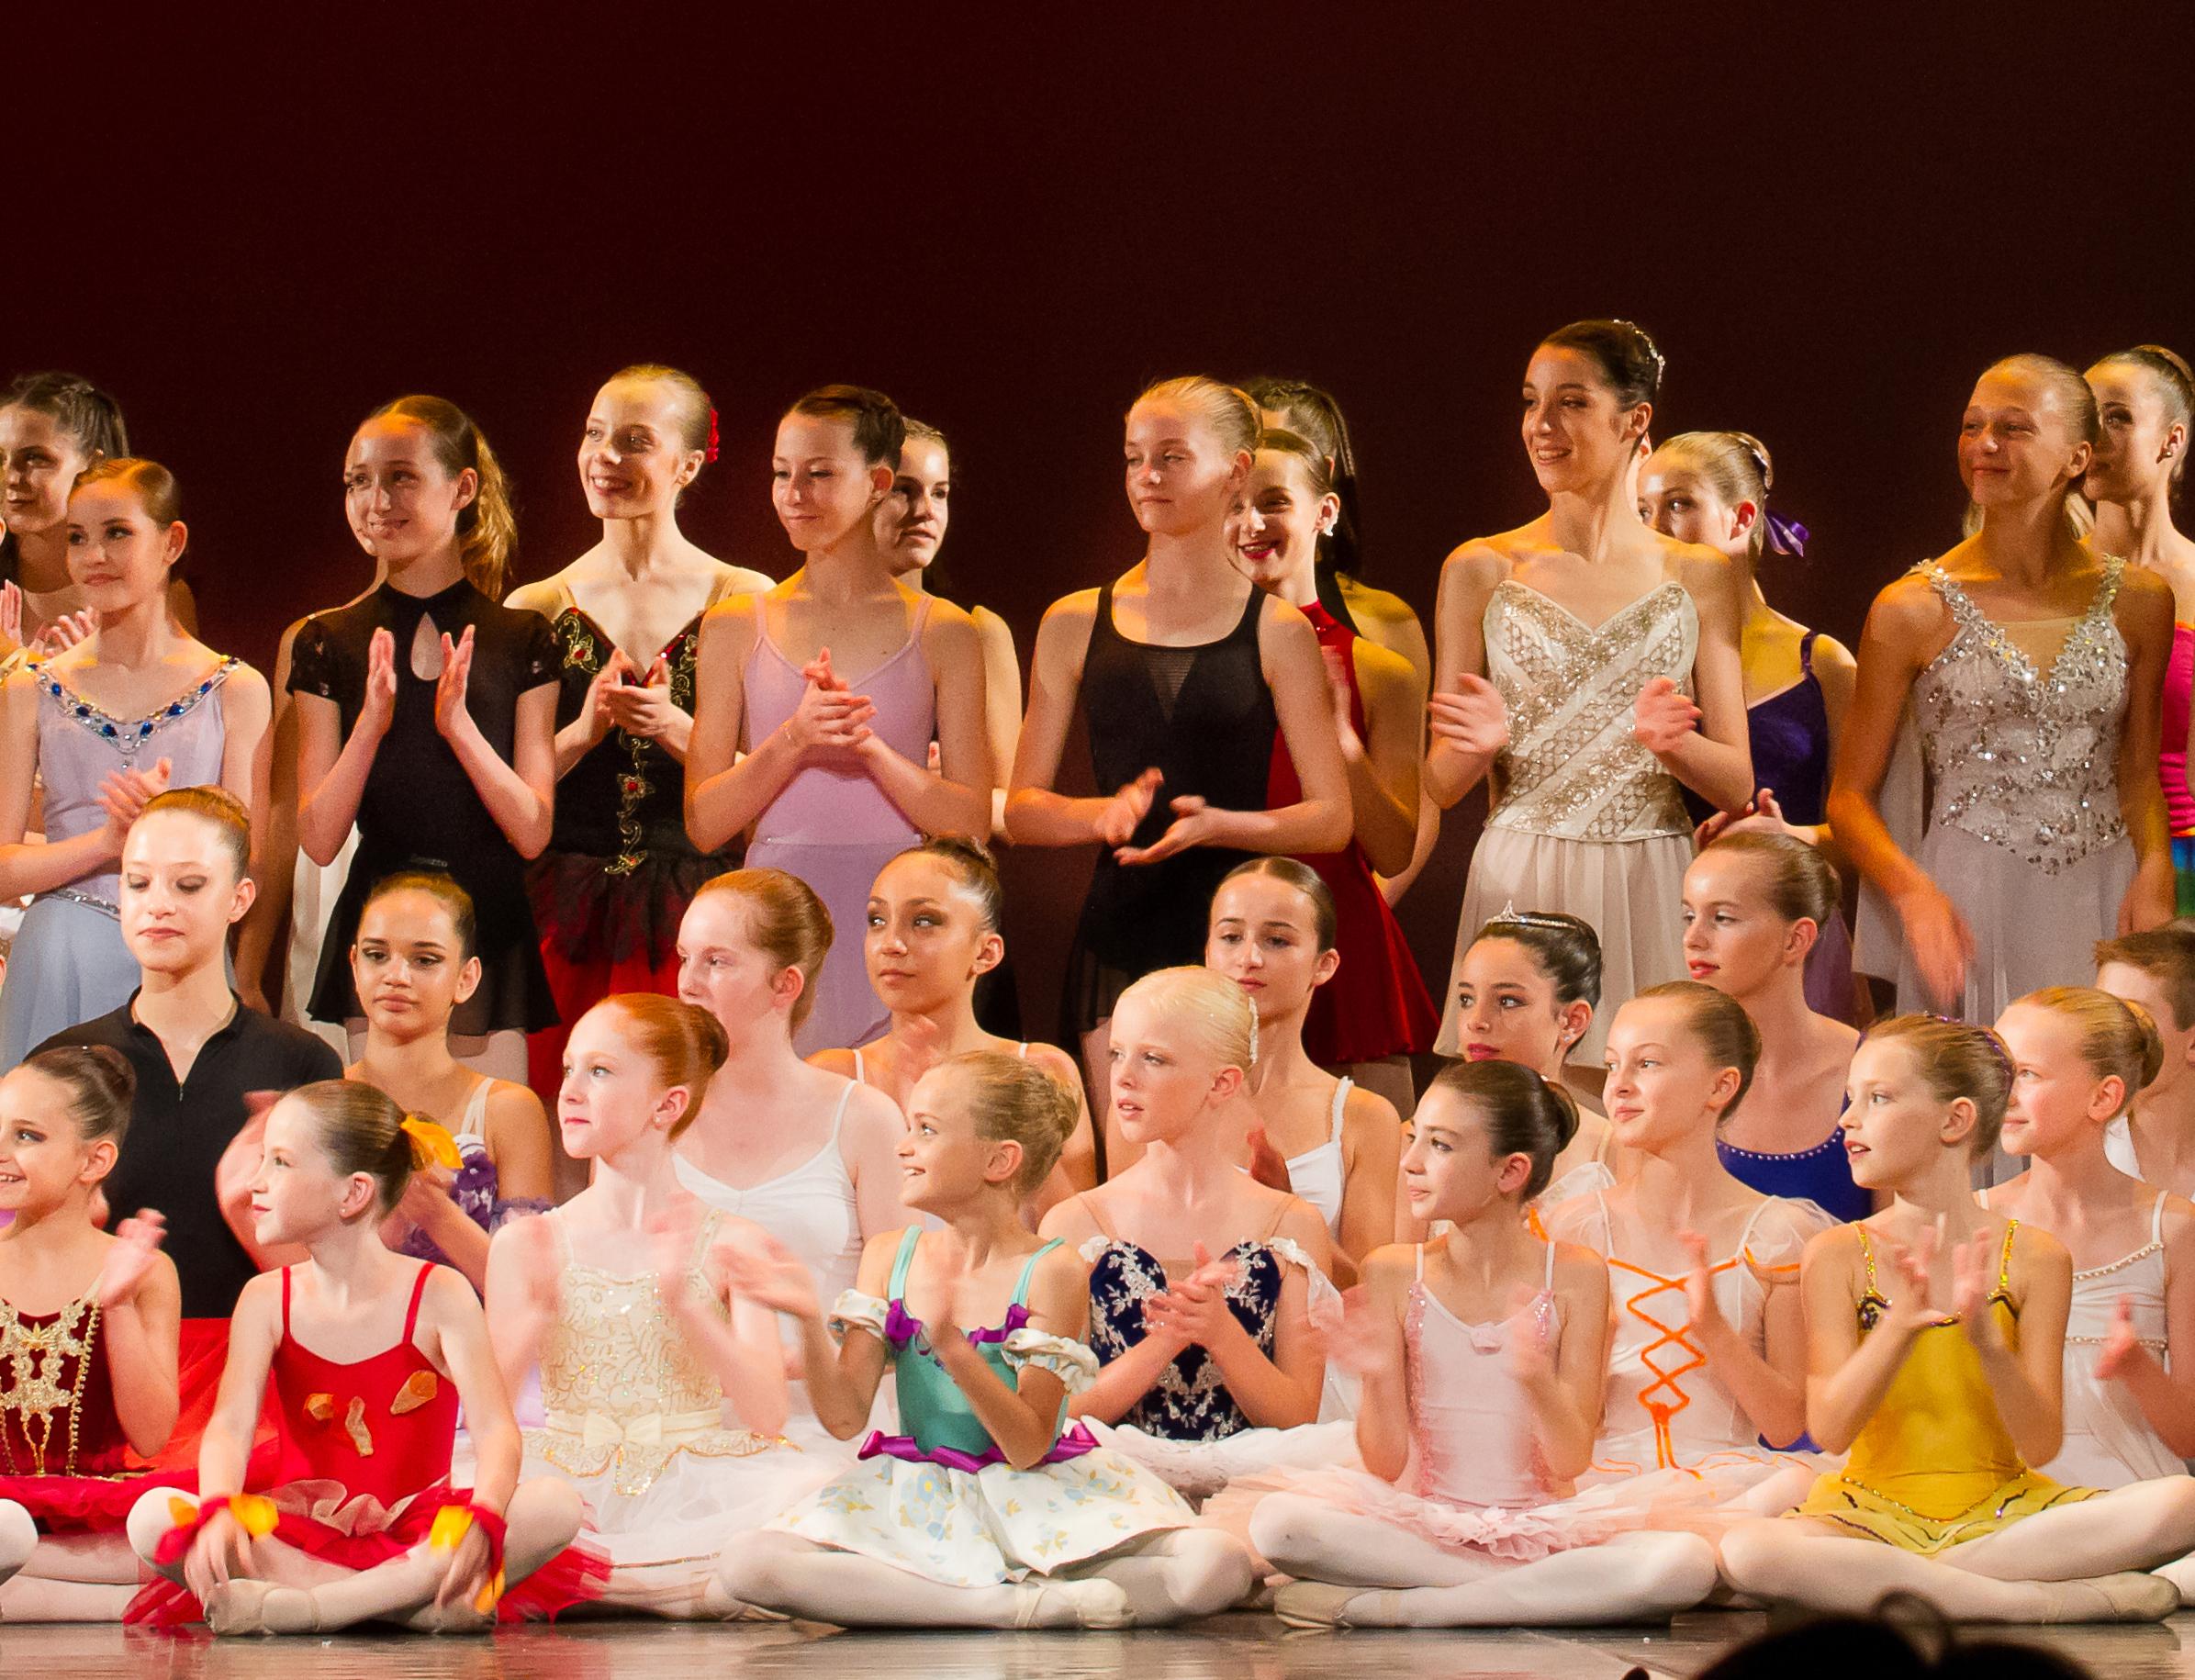 Palmarès du 4° Concours International de Danse de Saint Quentin